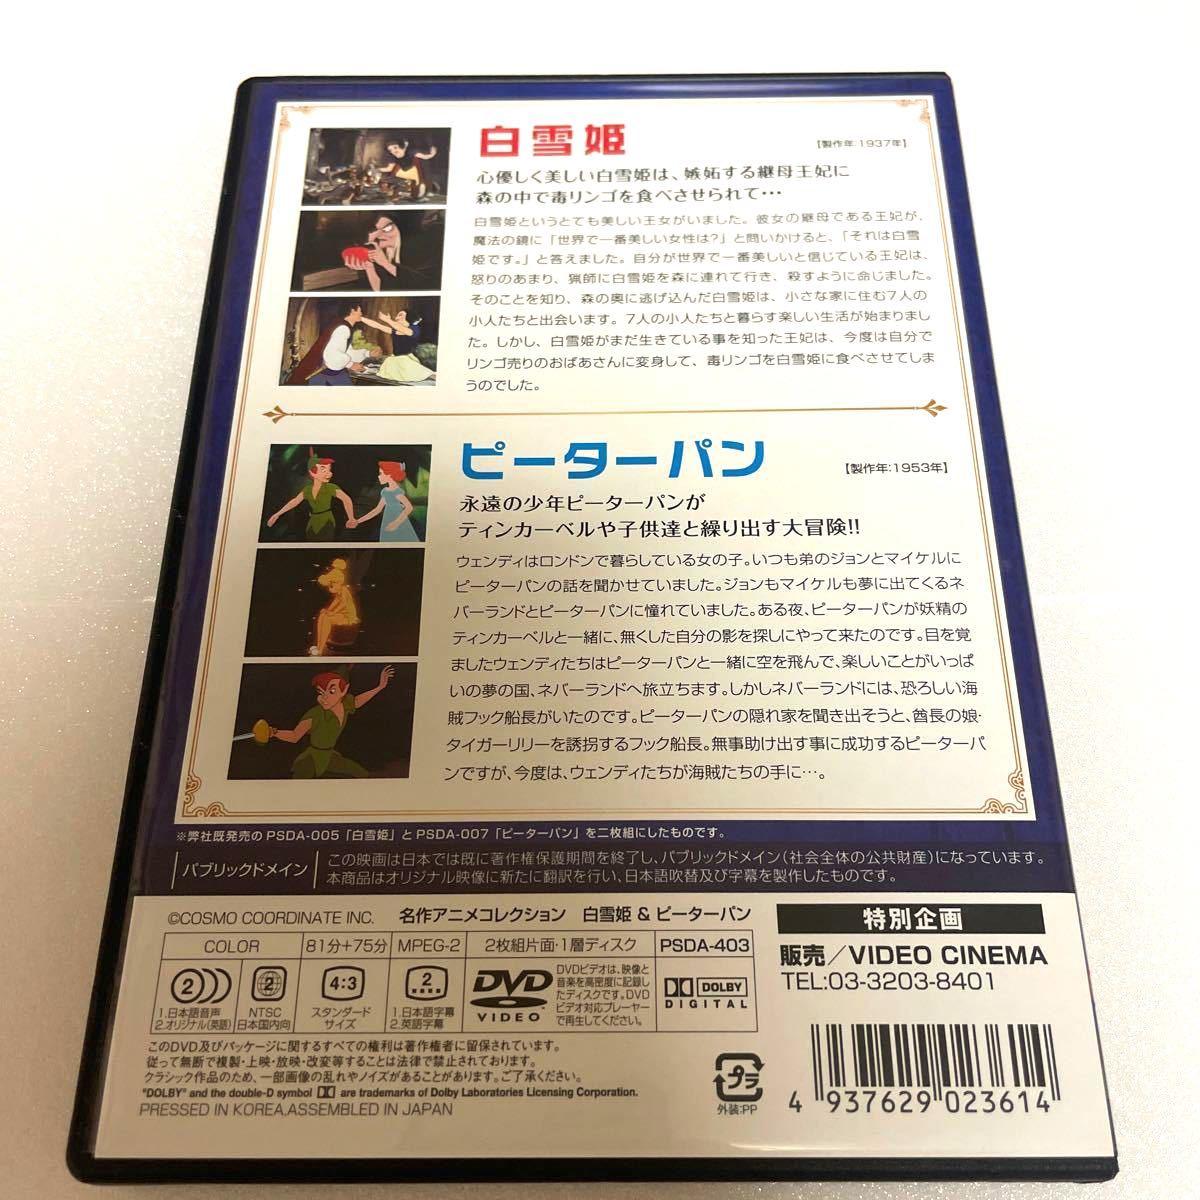 しまむら ディズニー DVD  白雪姫    ピーターパン ふしぎの国のアリス     ピノキオ